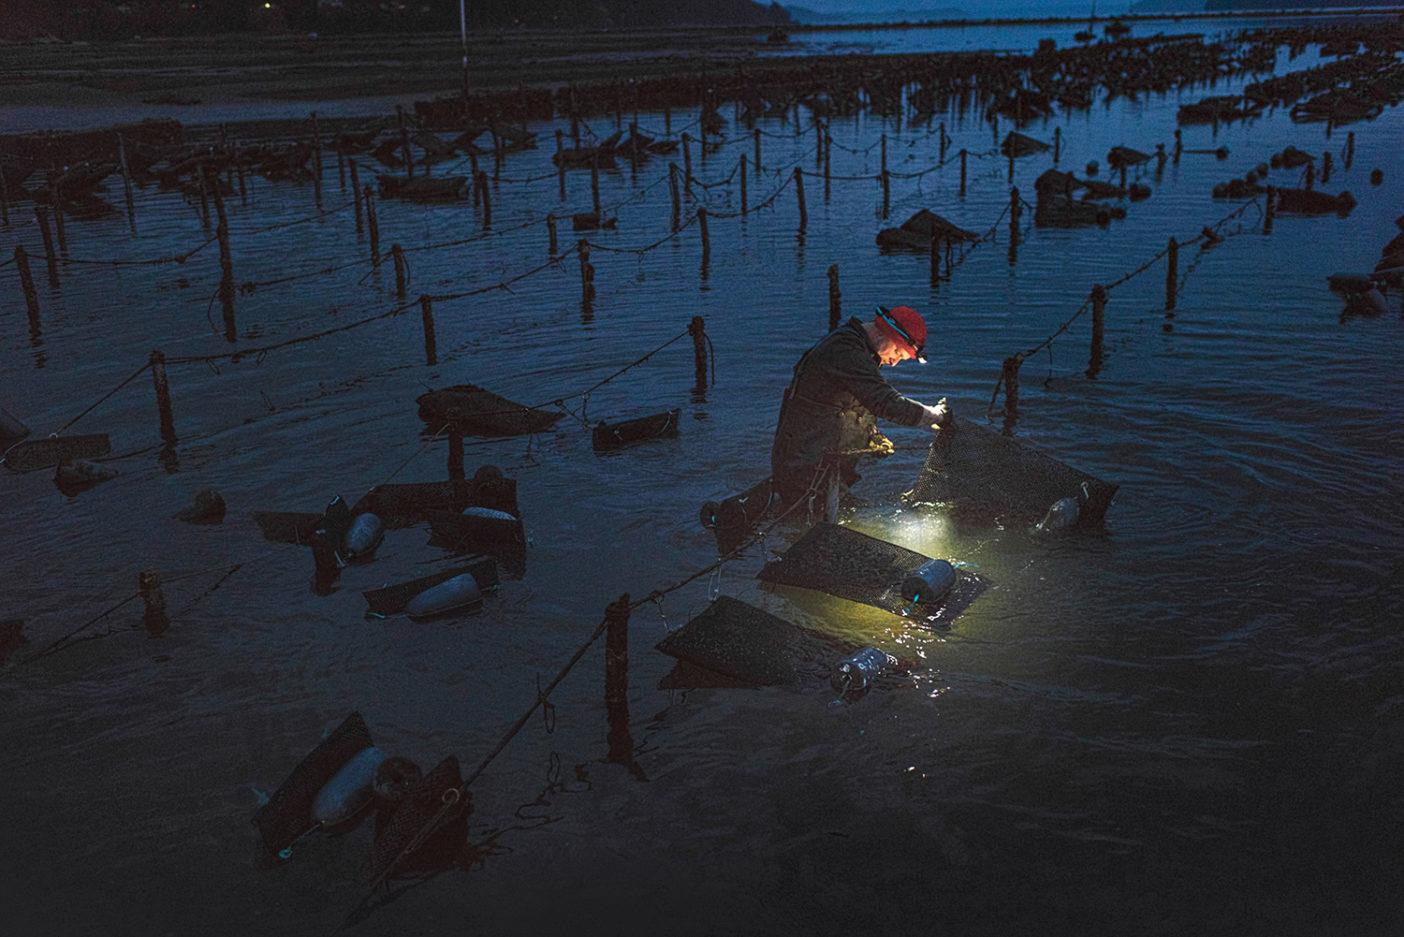 タンブル・ファームの早朝のシフトで働くコーリー・ローガン。潮とともに上下する浸透性のバッグのなかで牡蠣を養殖するこの方法は、殻をより深くし、風味を鋭くする。写真:Garrett Grove